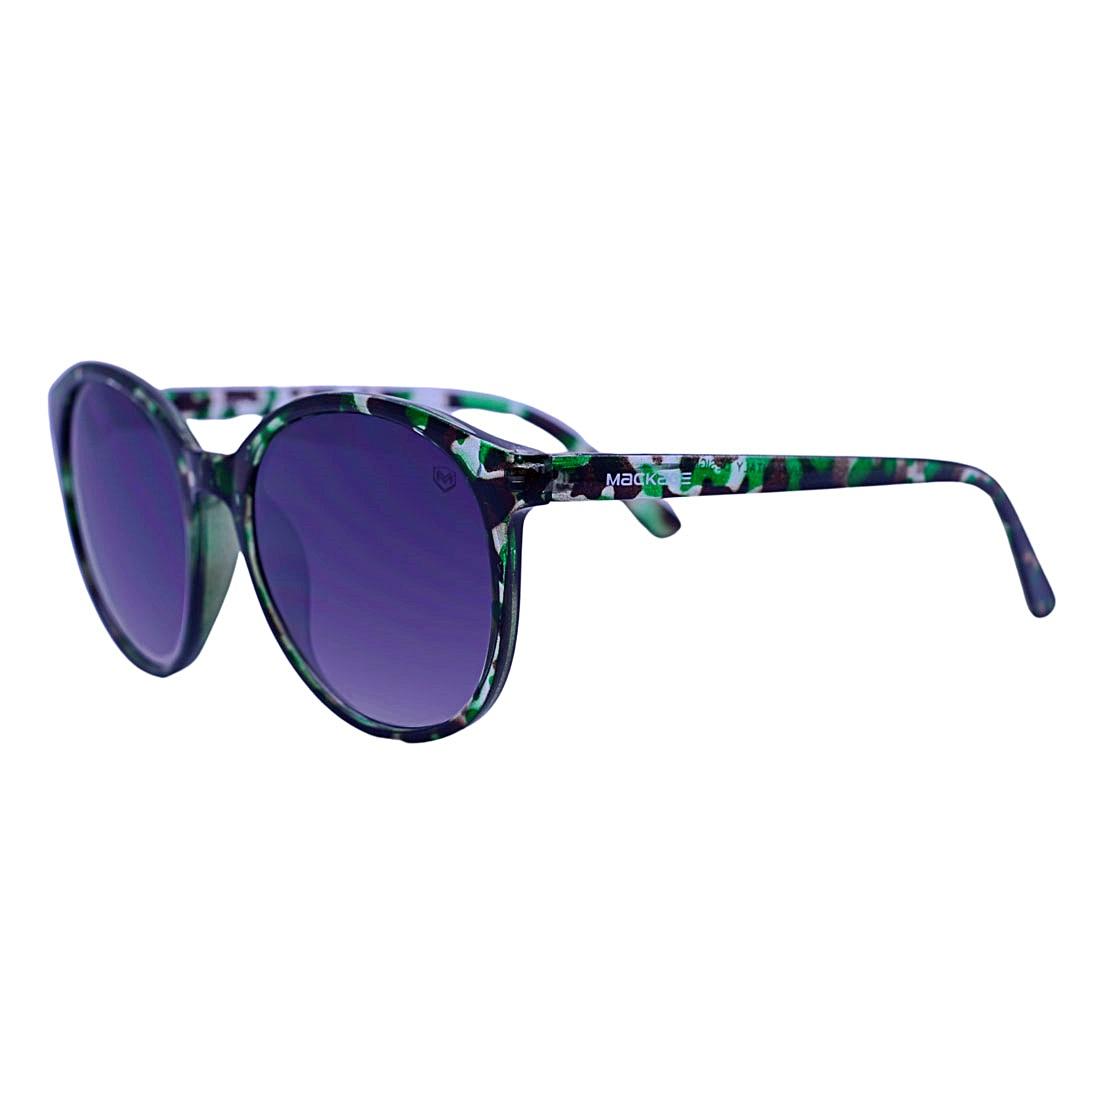 Óculos De Sol Mackage Feminino Acetato Redondo - Camuflado